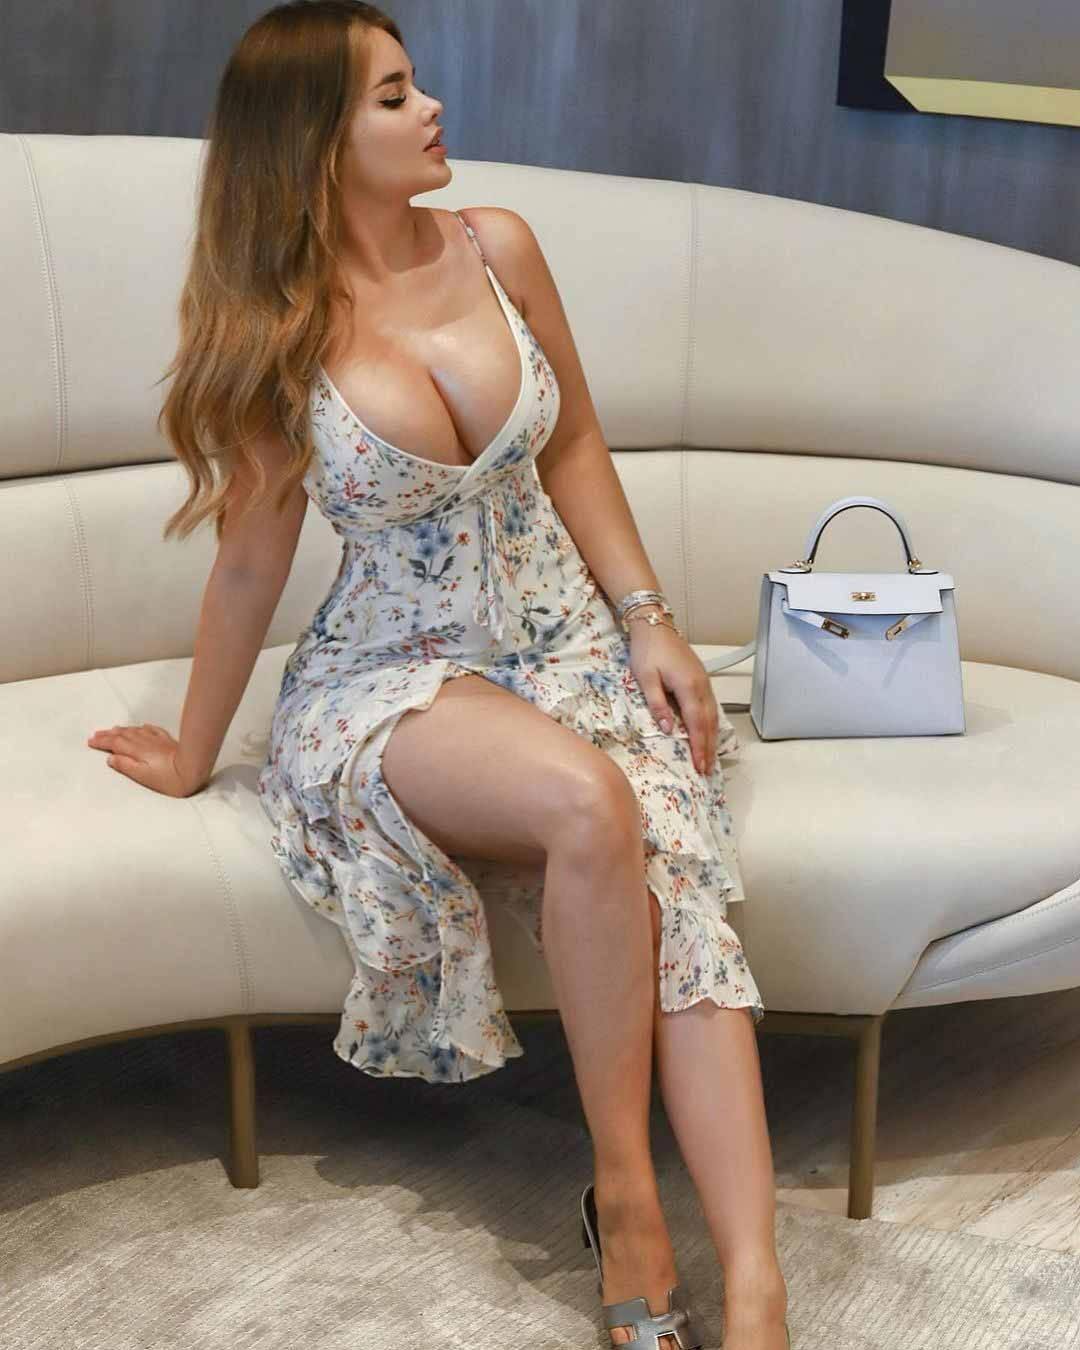 Anastasia Kvitko a mulher das medidas perfeitas. Foto: Reprodução Instagram